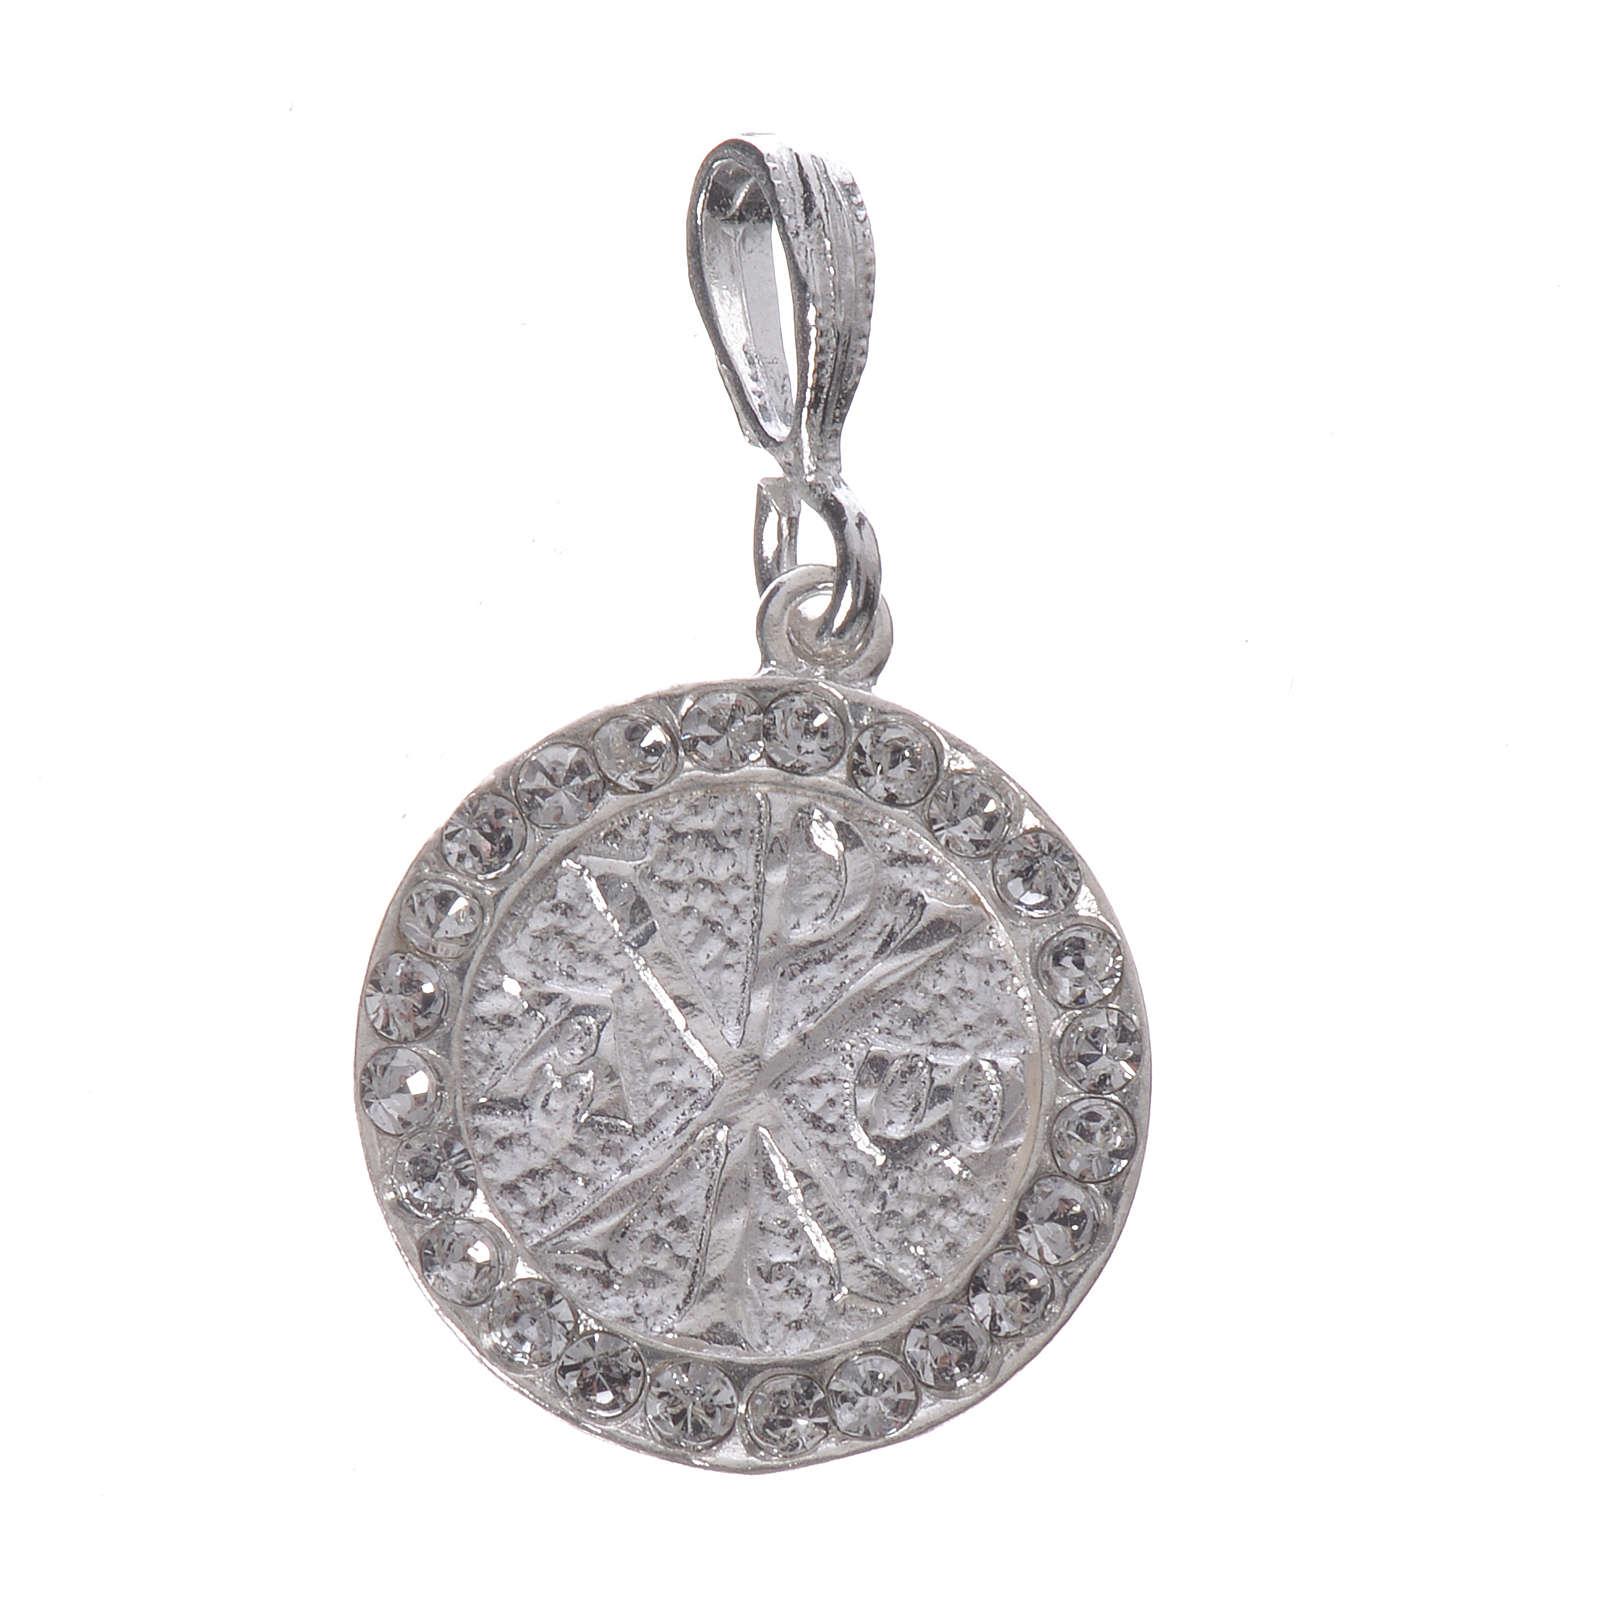 Zawieszka srebro 800 Swarovski biały Pax 4